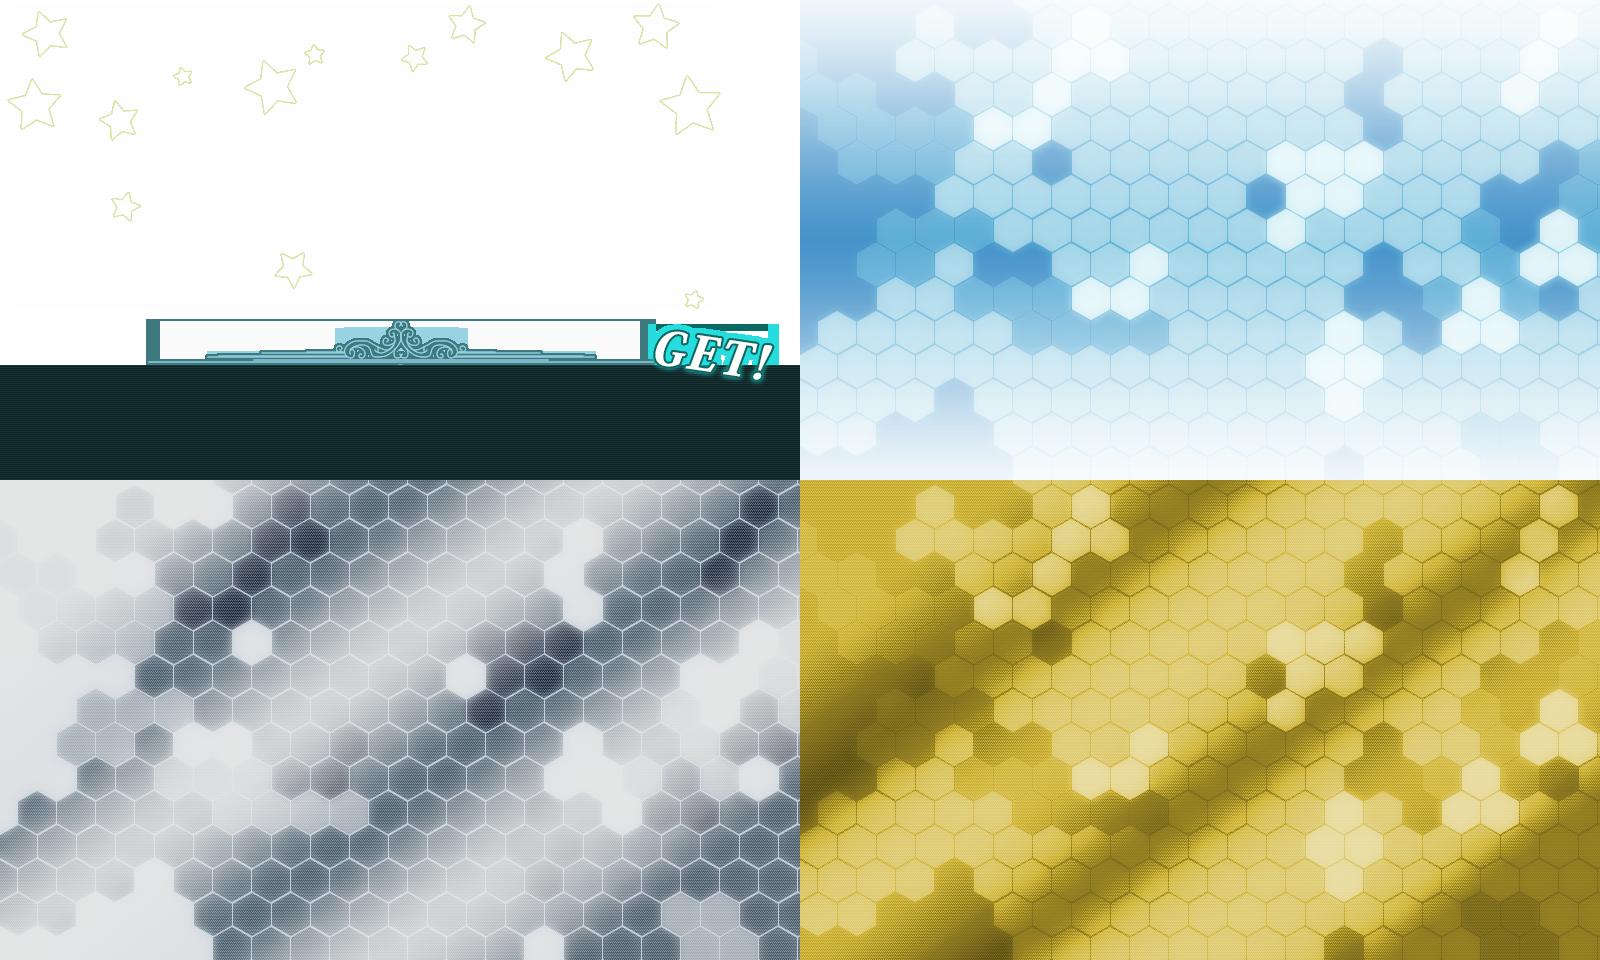 艦これ 艦これget画面風背景 枠 透過素材 ホロ 高解像度版追加 下小川のイラスト 艦 これ イラスト 風